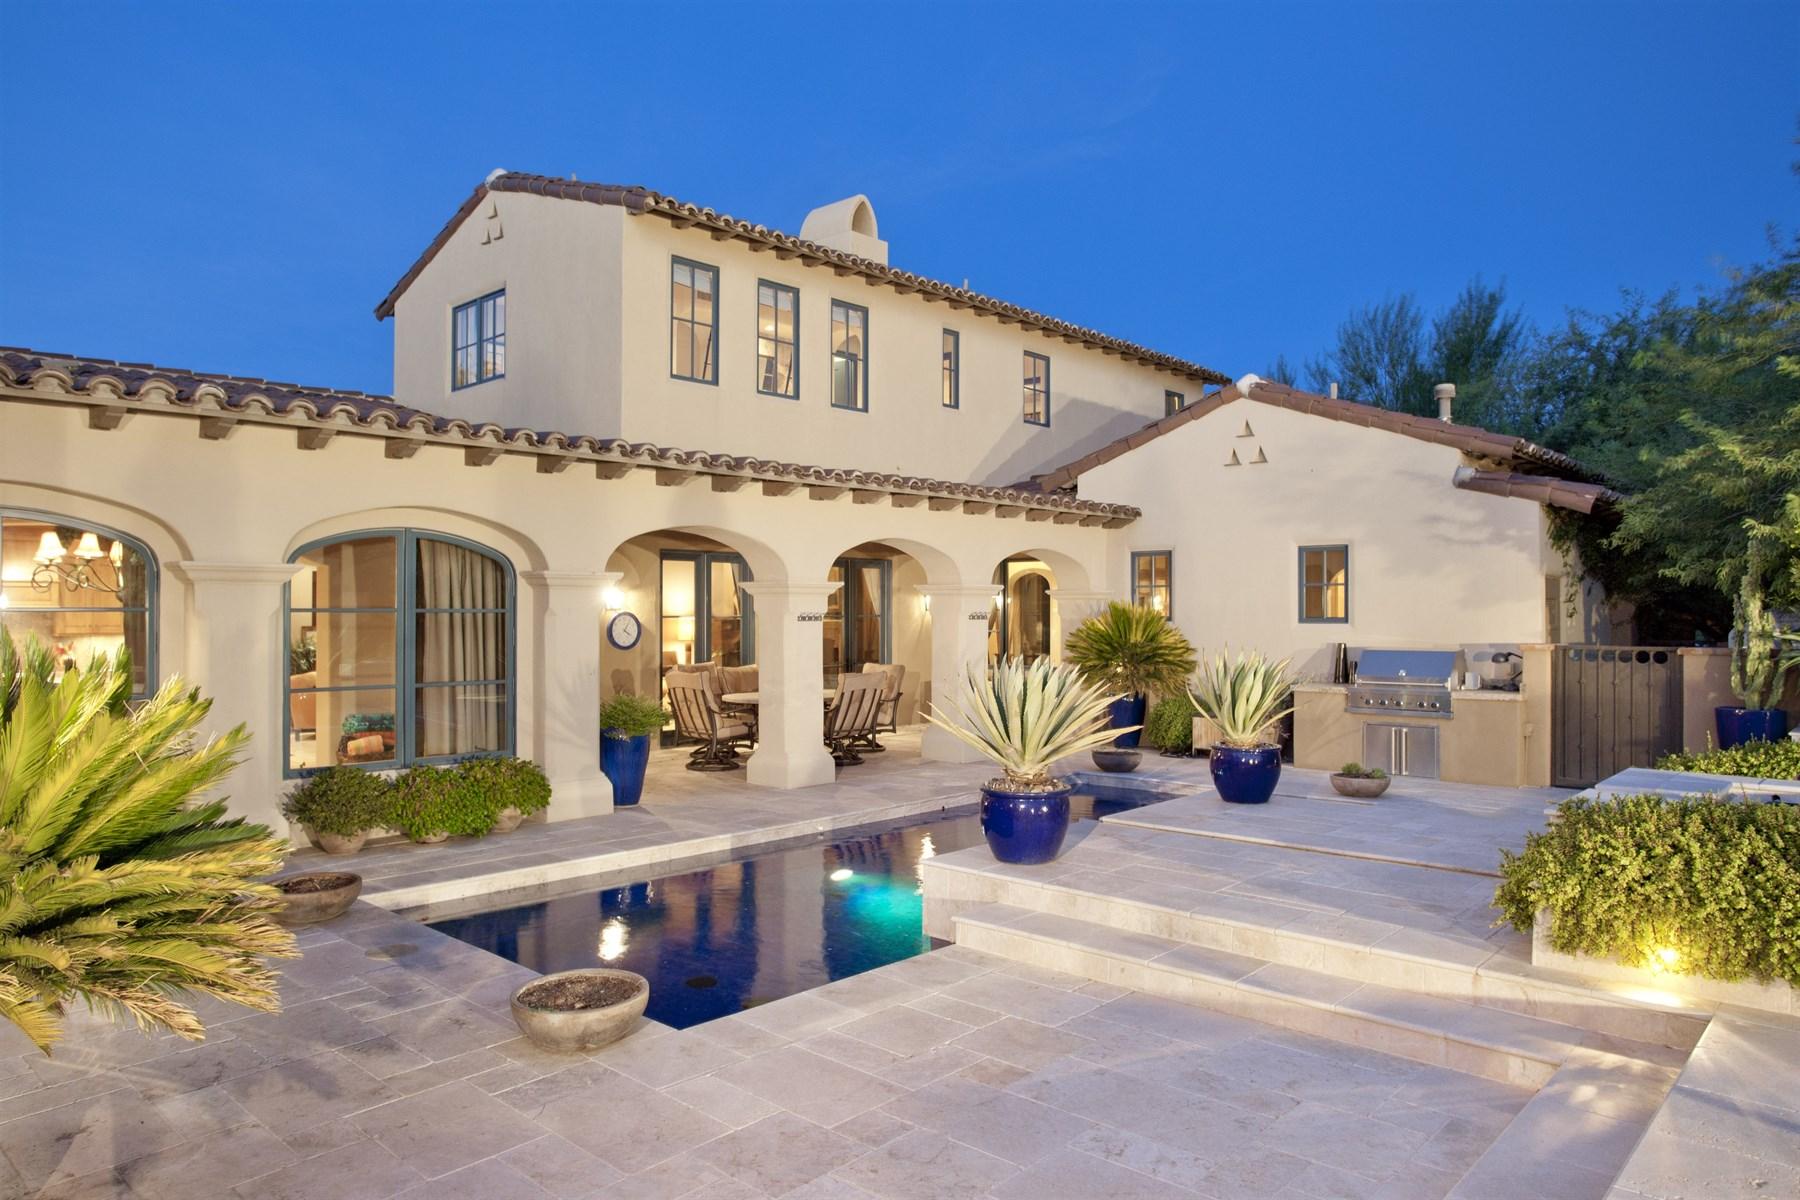 Stadthaus für Verkauf beim Extraordinary Home in Private Guard Gated Community of Silverleaf 19978 N 101st Place Scottsdale, Arizona 85255 Vereinigte Staaten